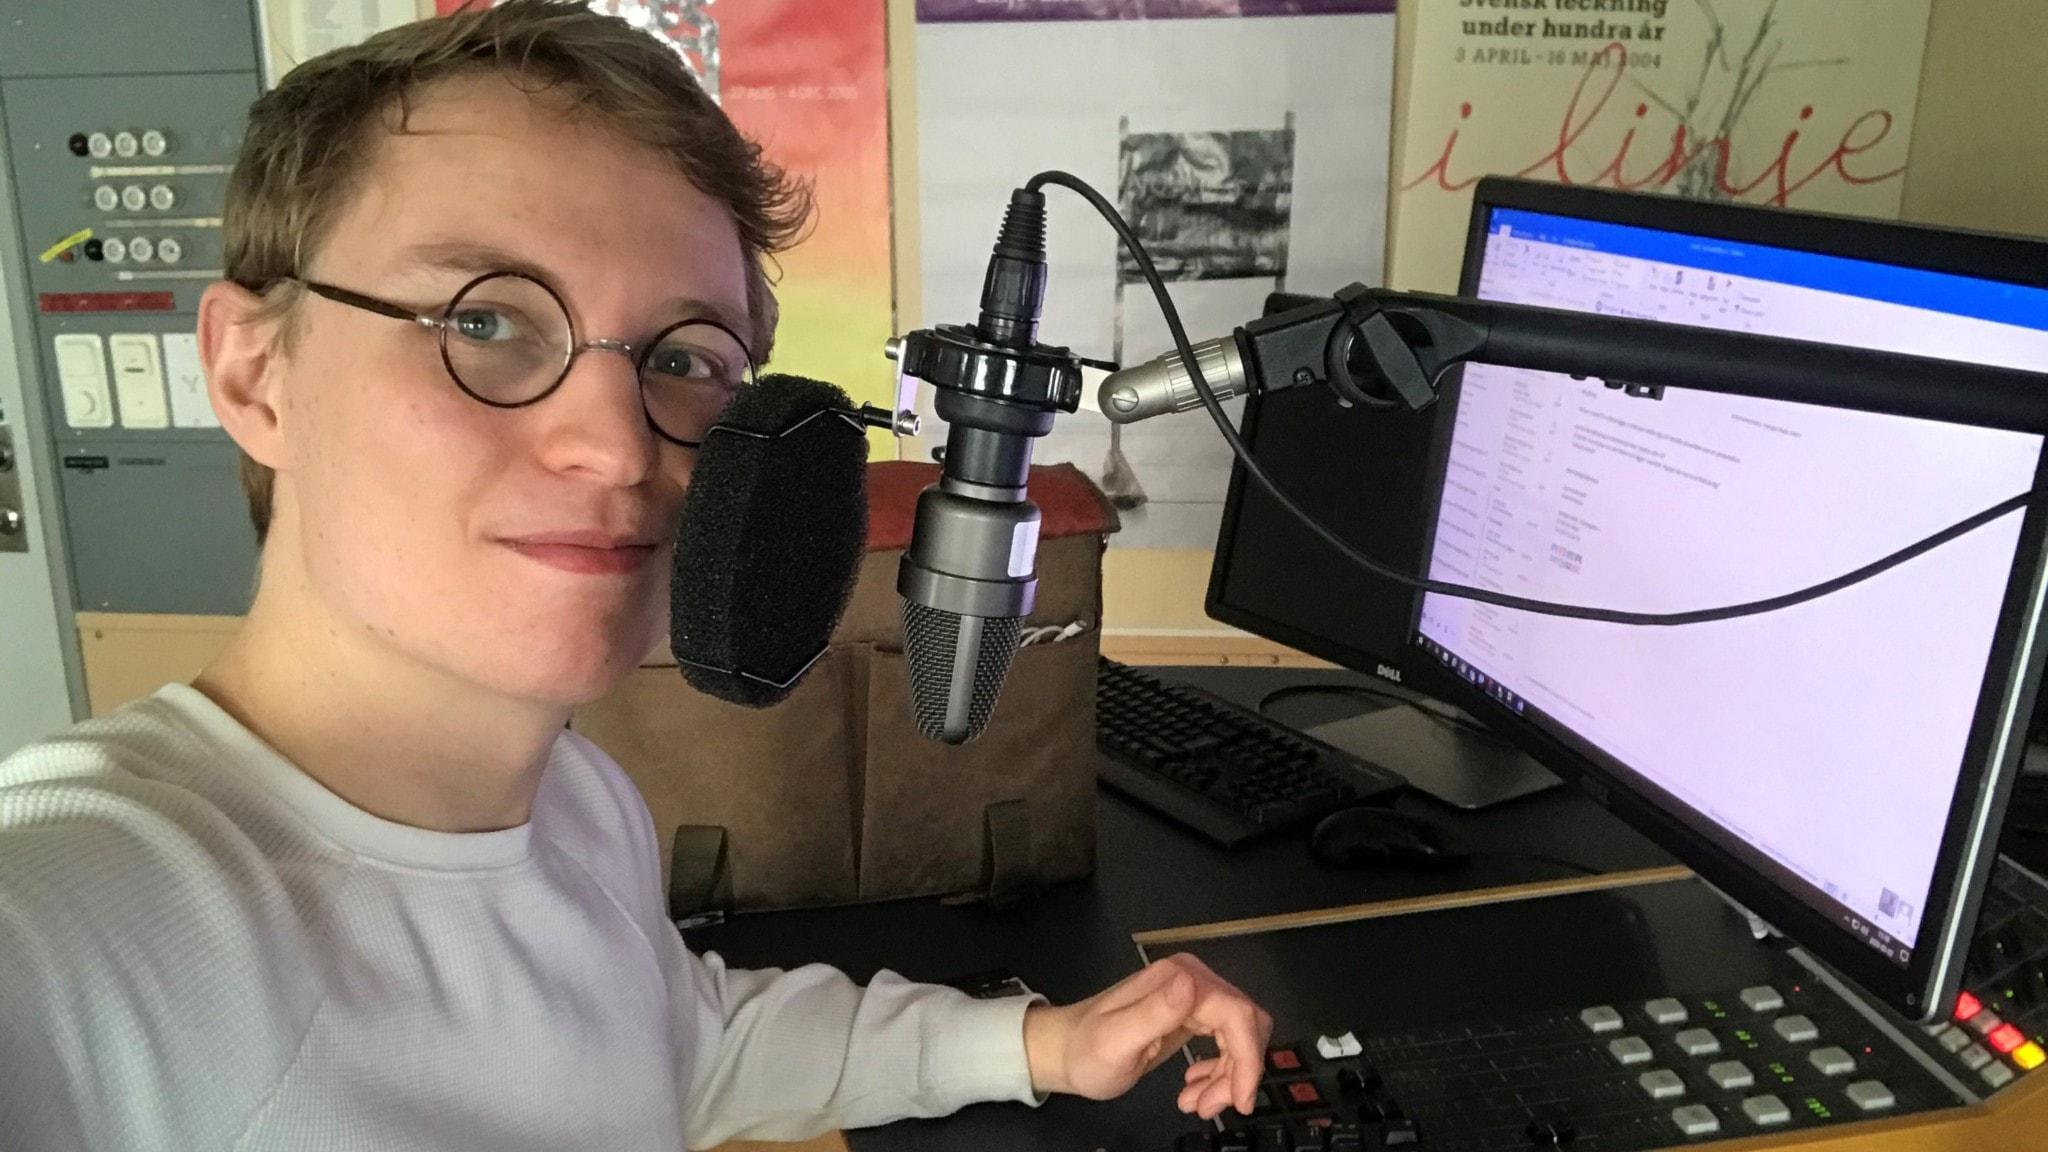 Jack Lantz är ny redaktionsmedlem i Klassisk morgon från och med mars 2020. Han sitter i en studio vid en dator och tar en selfie.